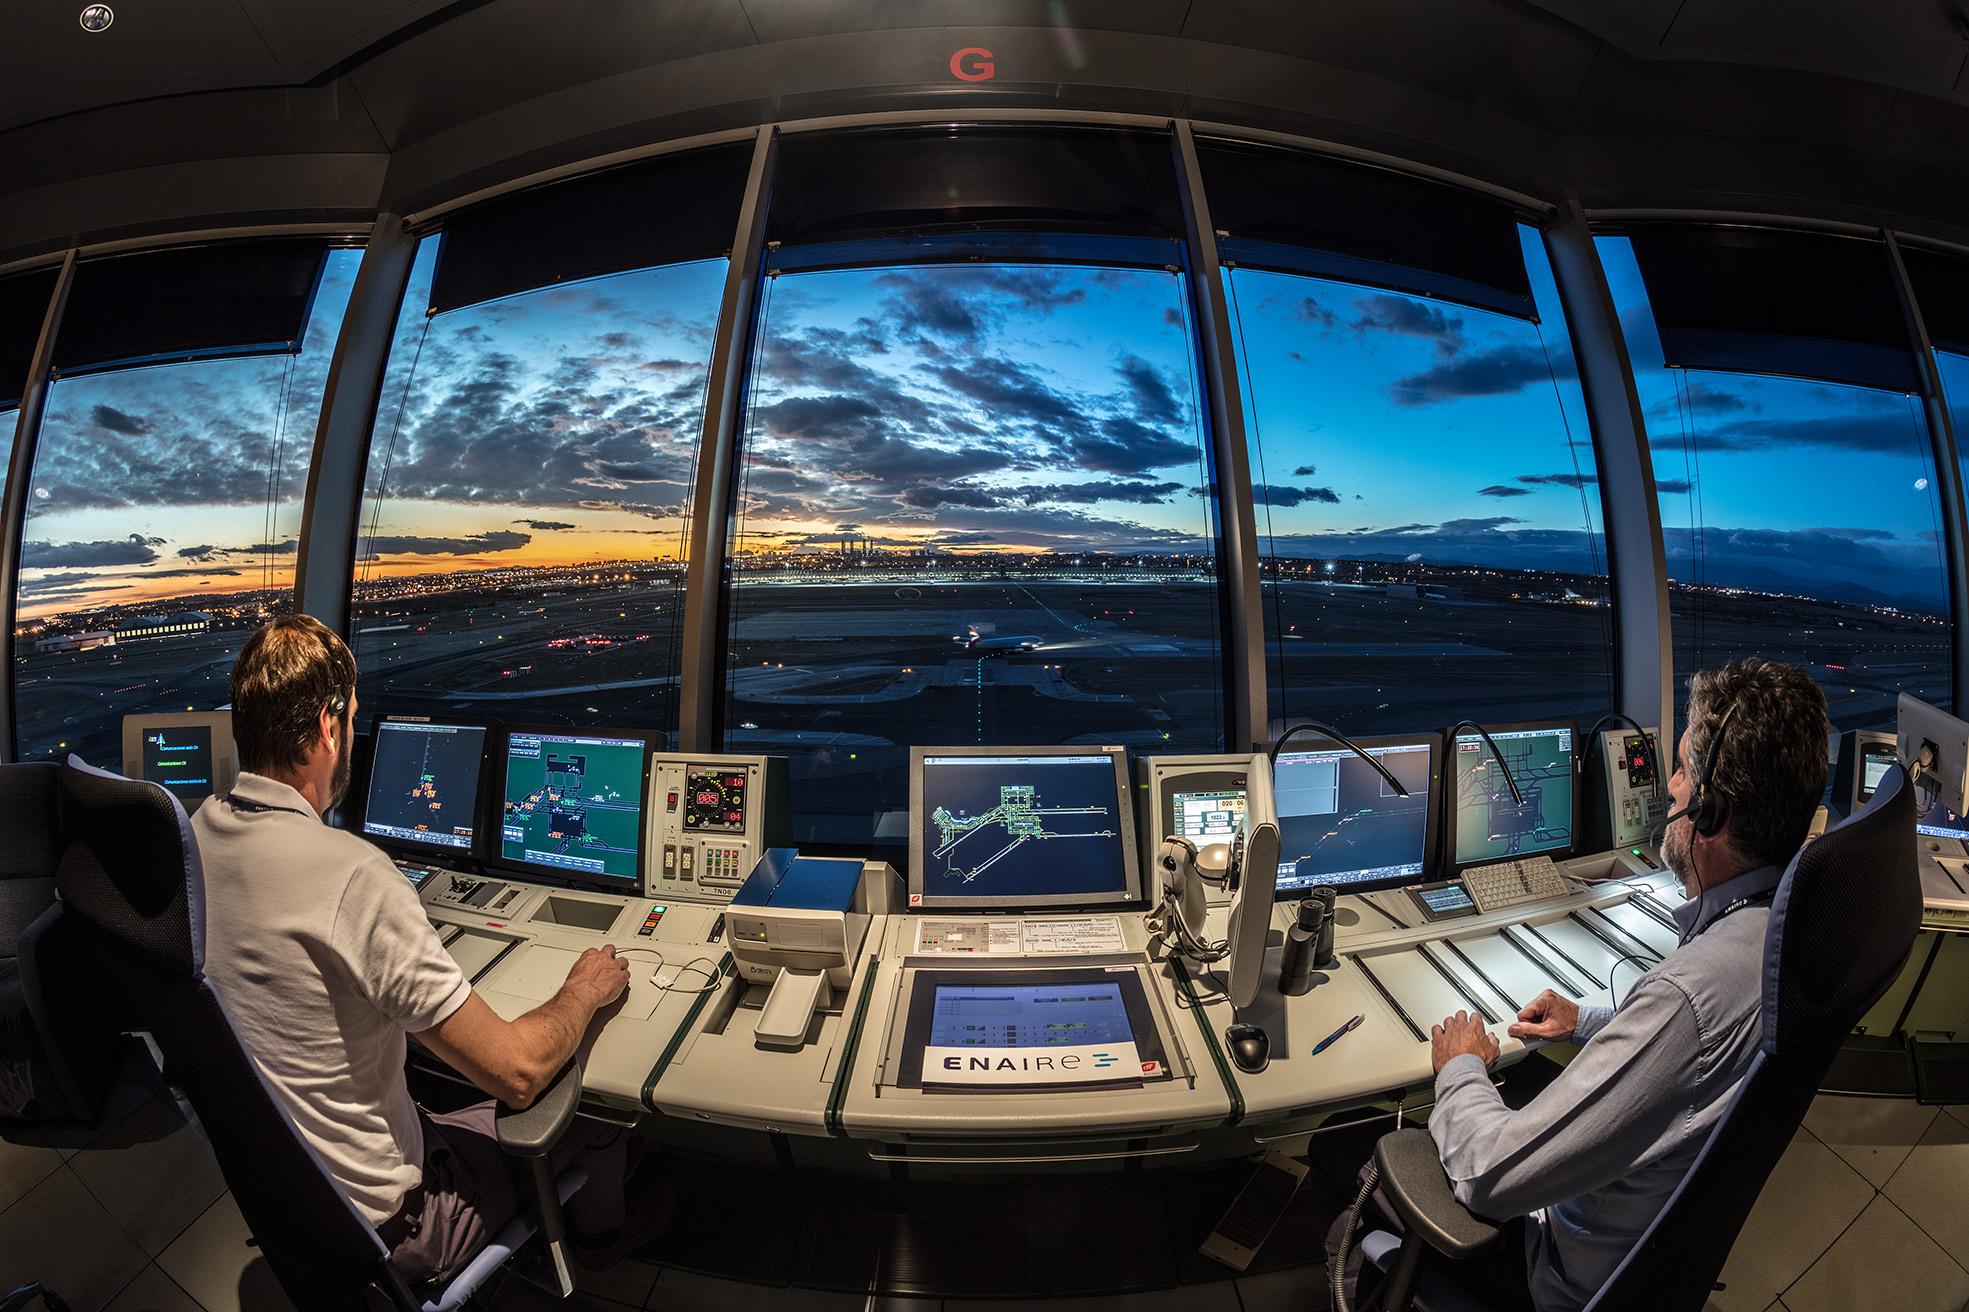 Control aéreo: España asumirá 160 vuelos más al día este verano para evitar  el caos | Noticias de Aerolíneas, Noticias de turismo, rss2 | Revista de  turismo Preferente.com